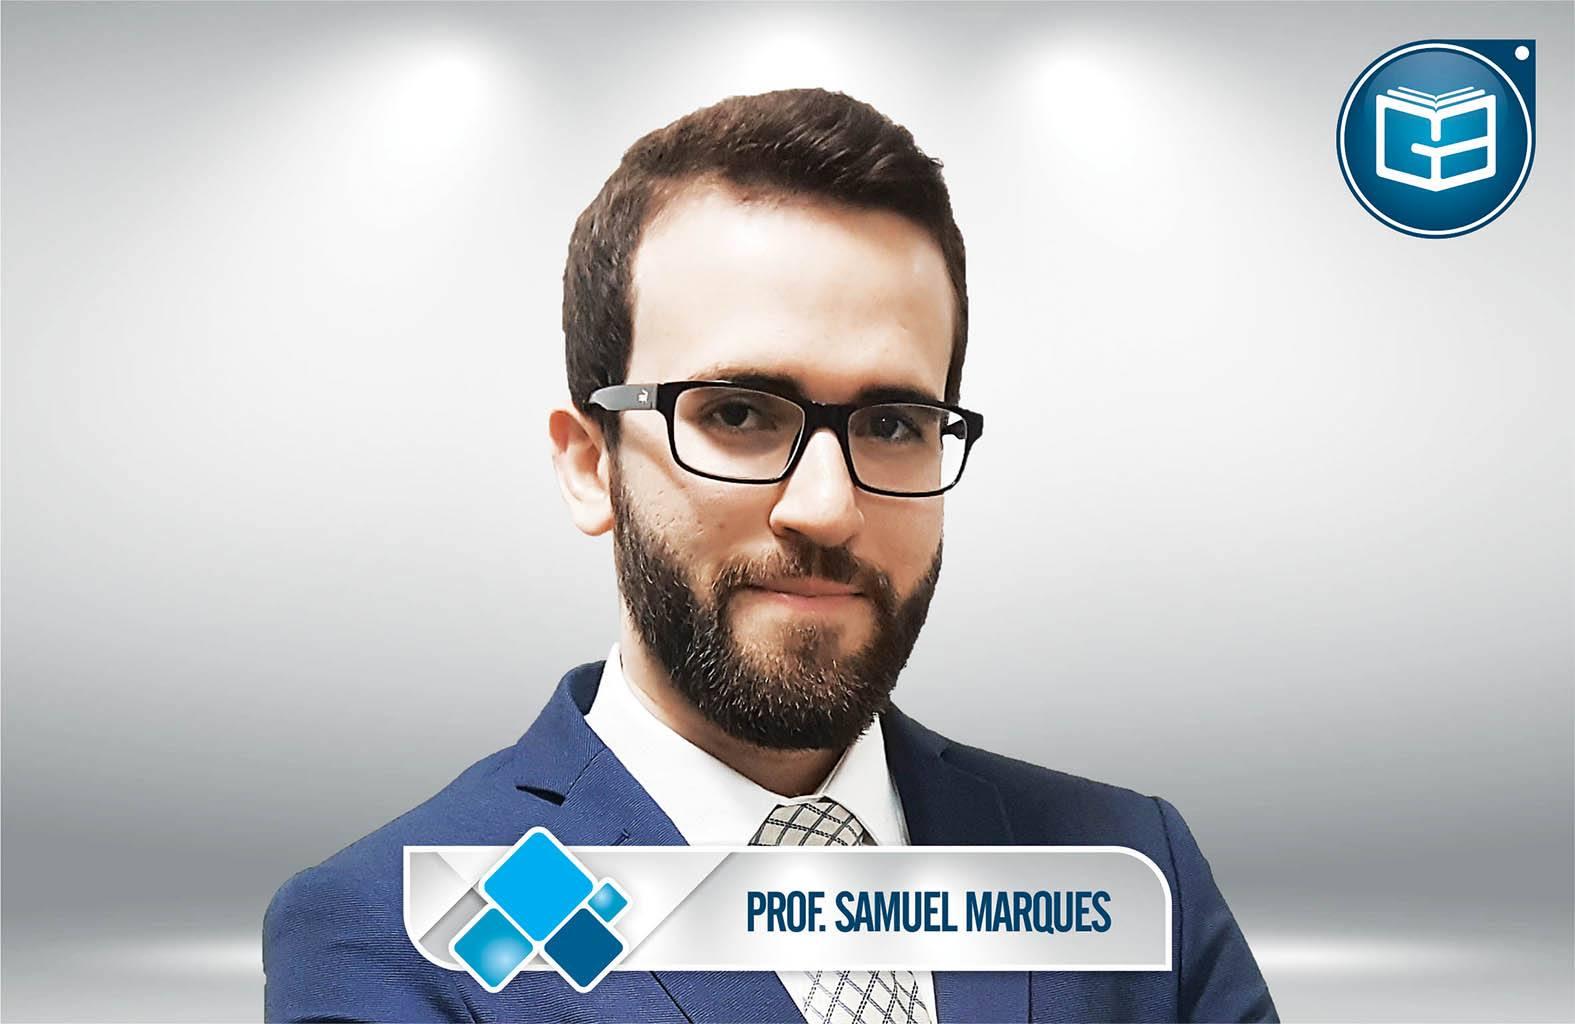 Direito Constitucional PM - Professor Samuel Marques